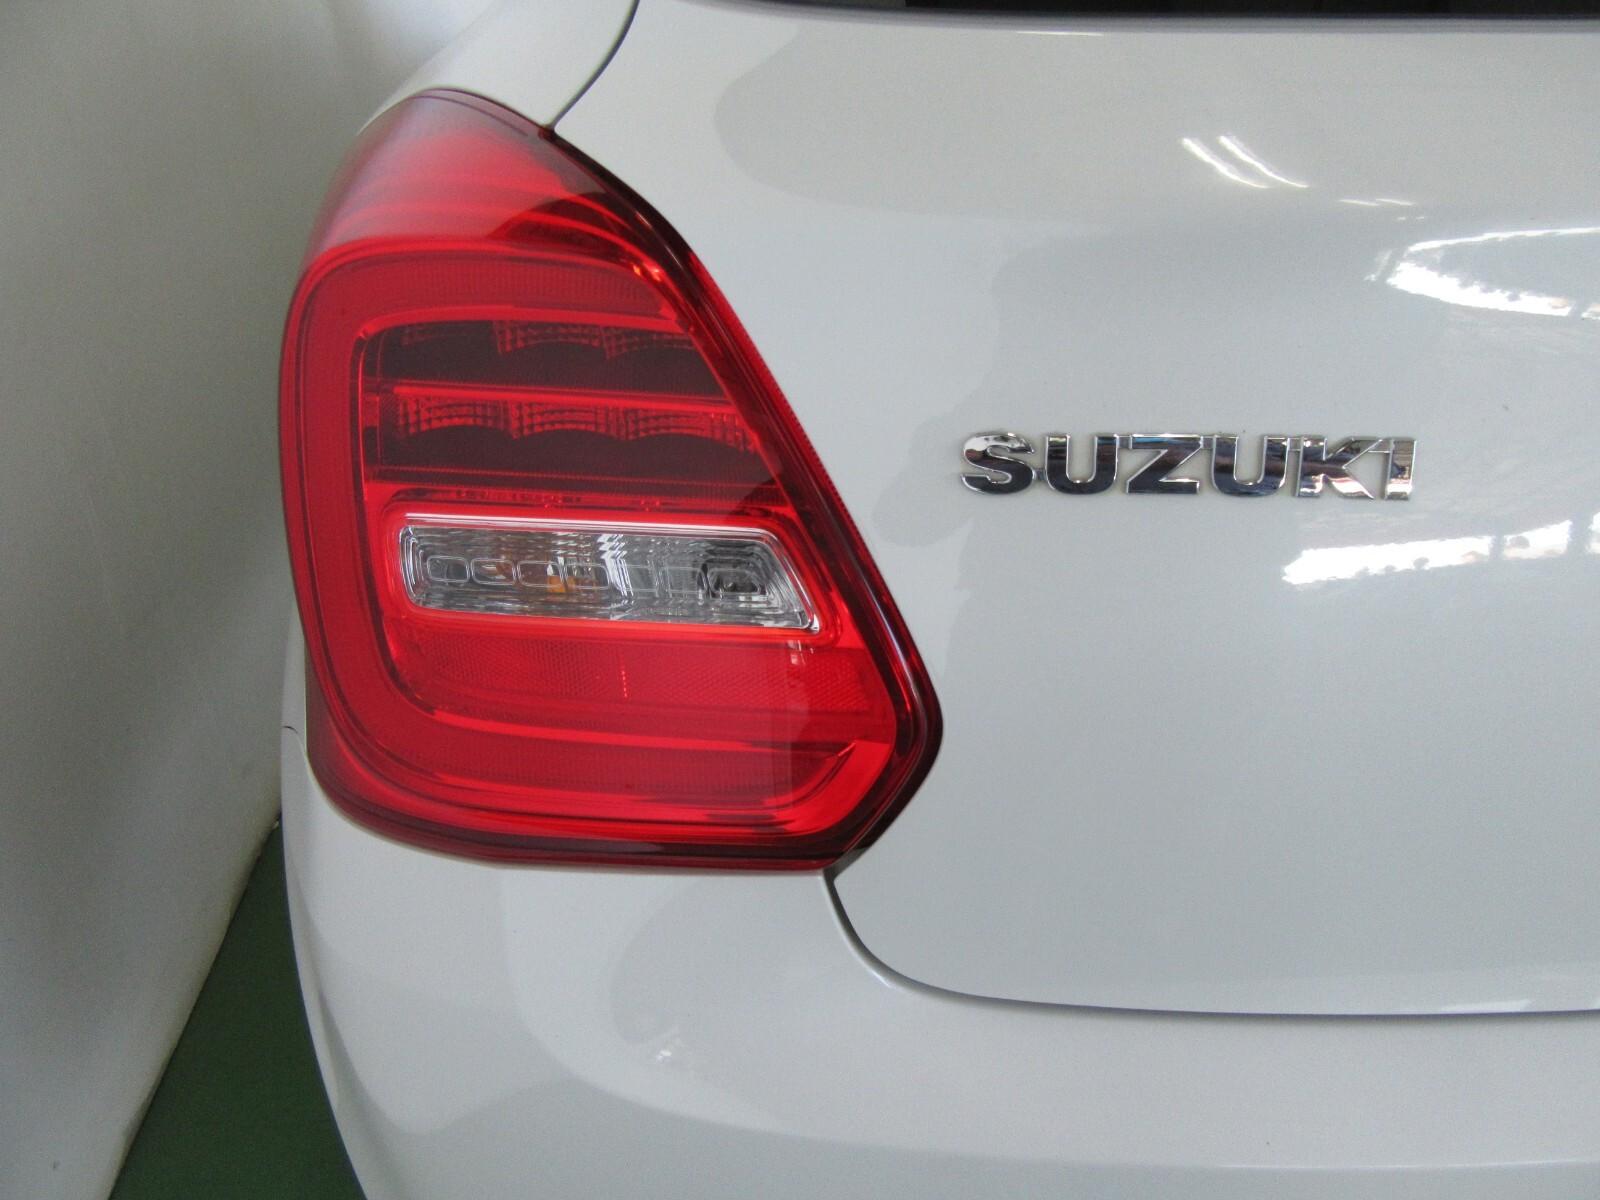 SUZUKI 1.2 GL Alberton 13332112